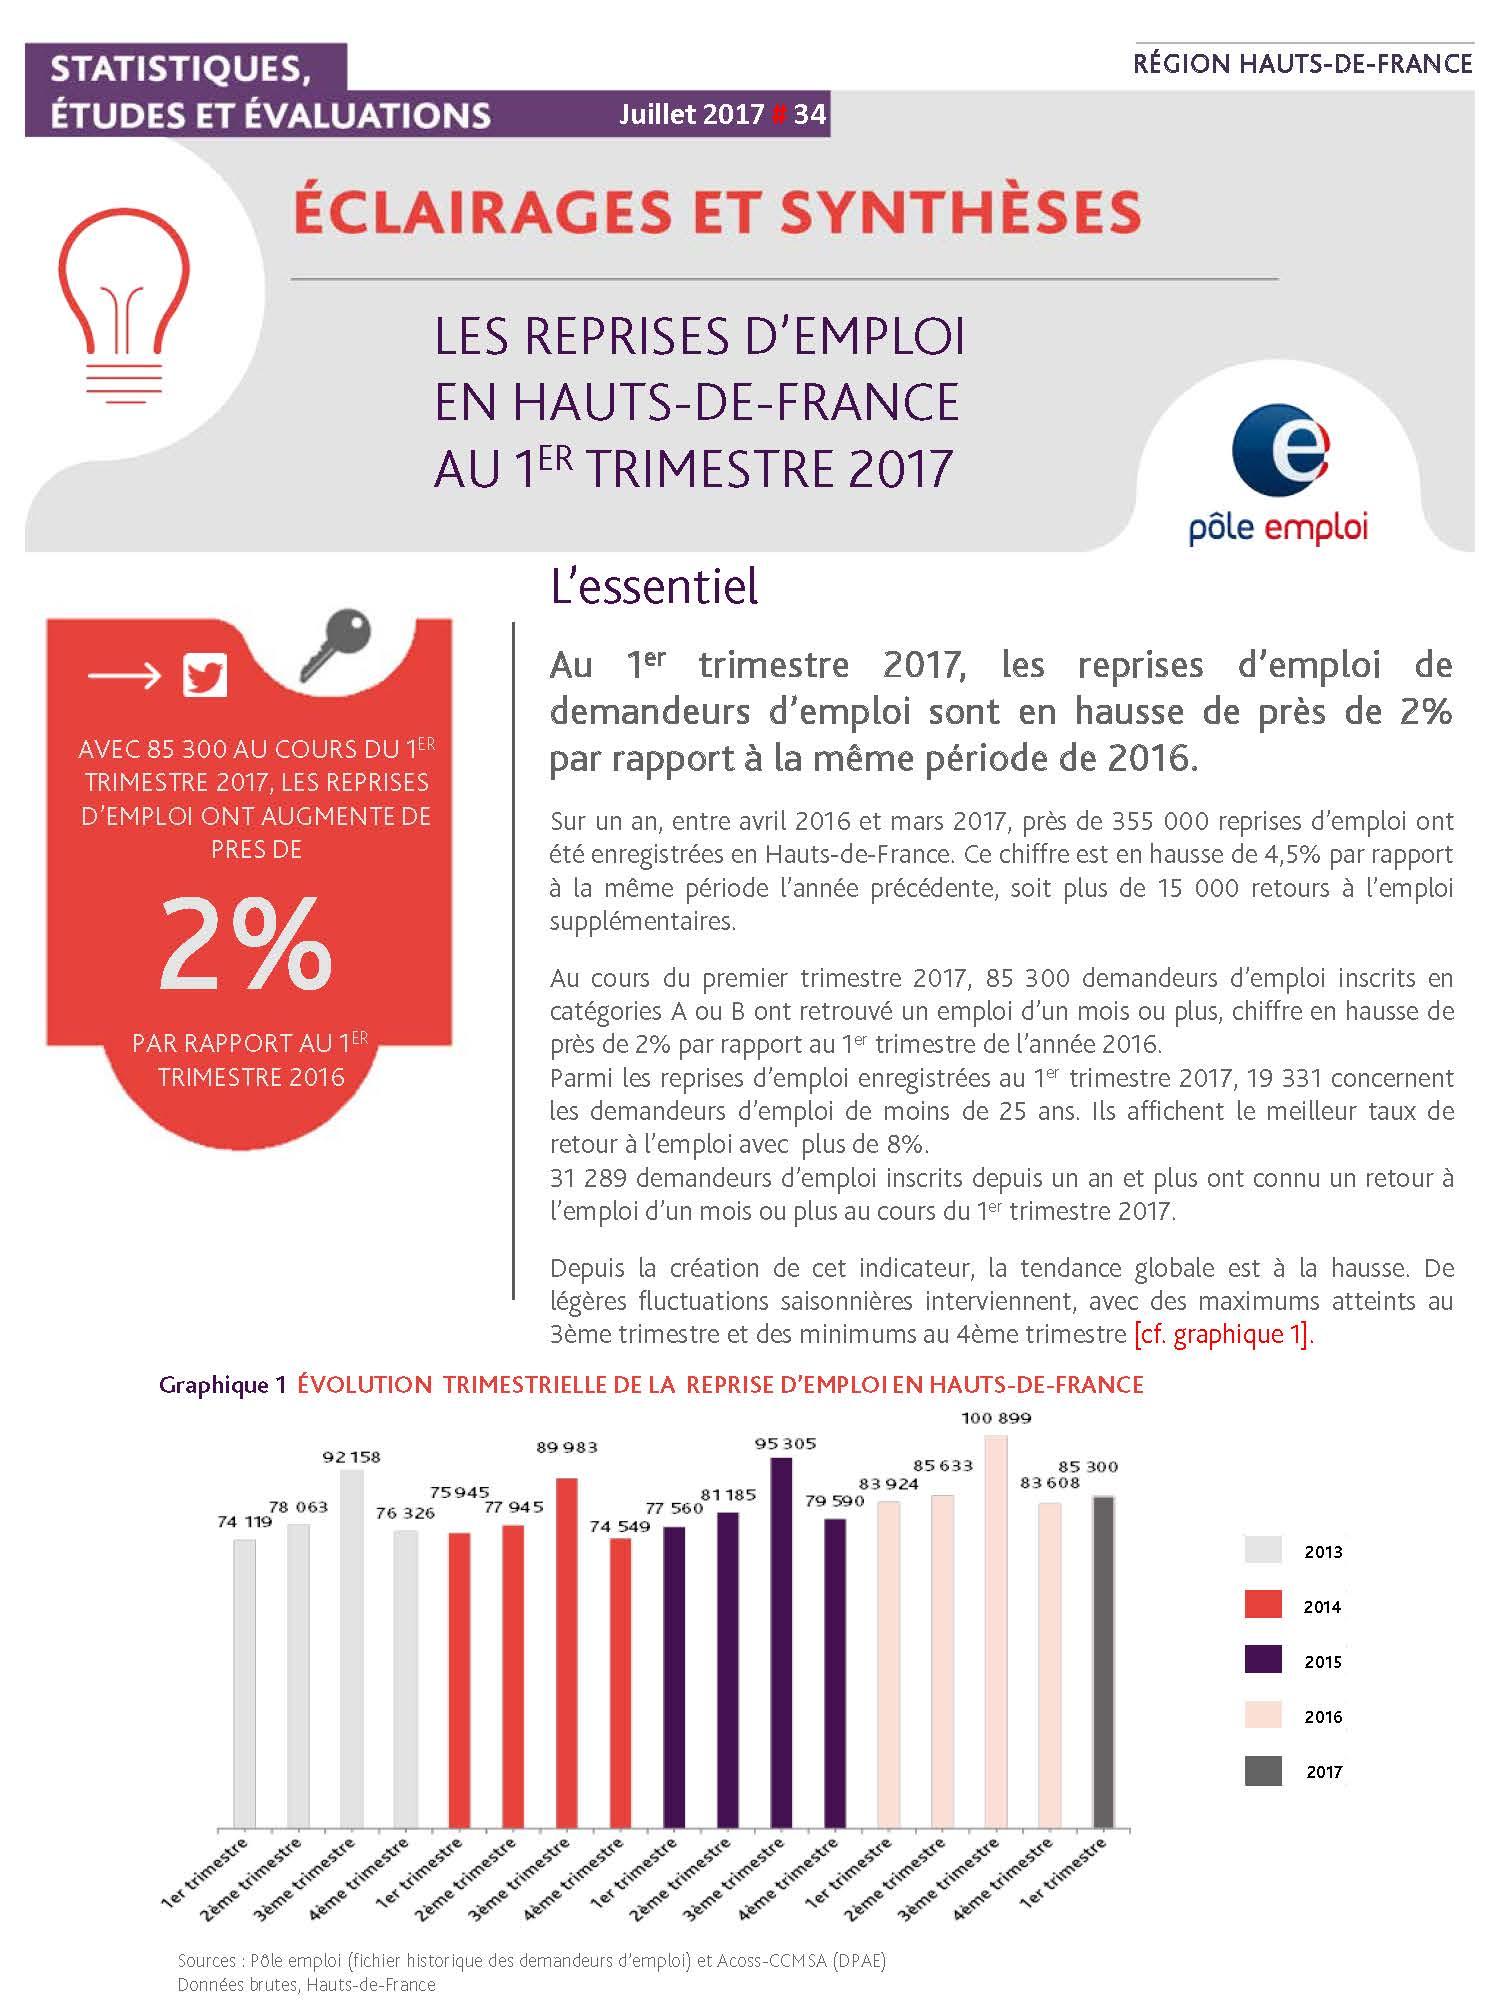 Les+reprises+d'emploi+en+Hauts-de-France_2017-08-08 (2)_Page_1